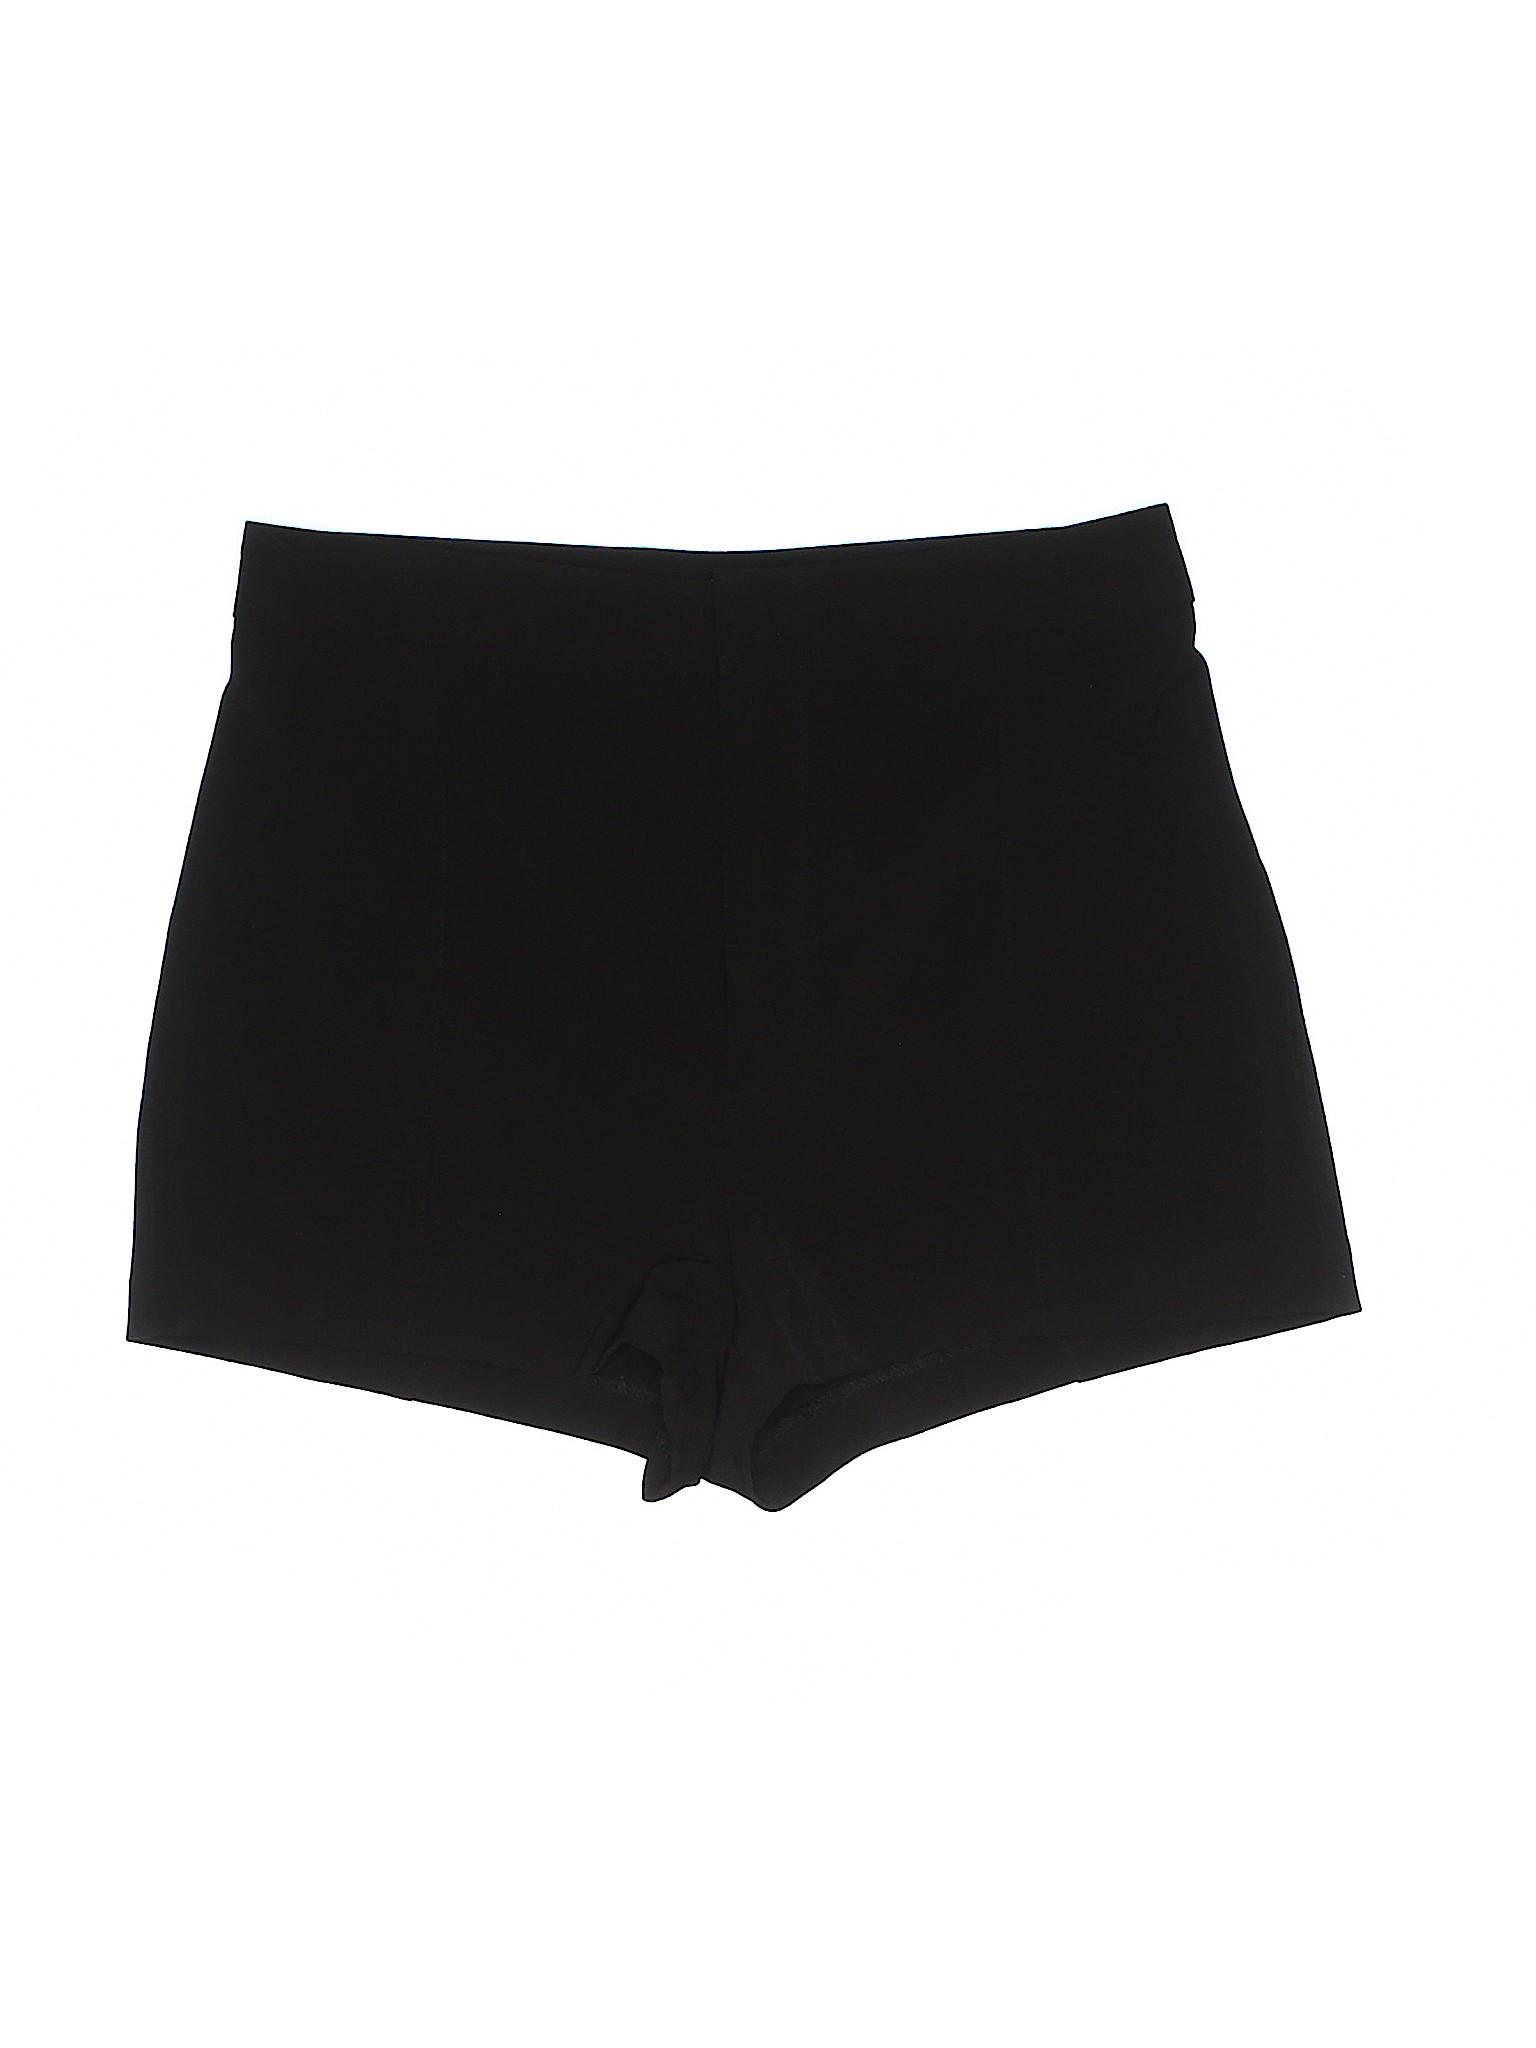 Boutique Shorts Cooperative Boutique Shorts Boutique Cooperative Z7q4Y4Sw